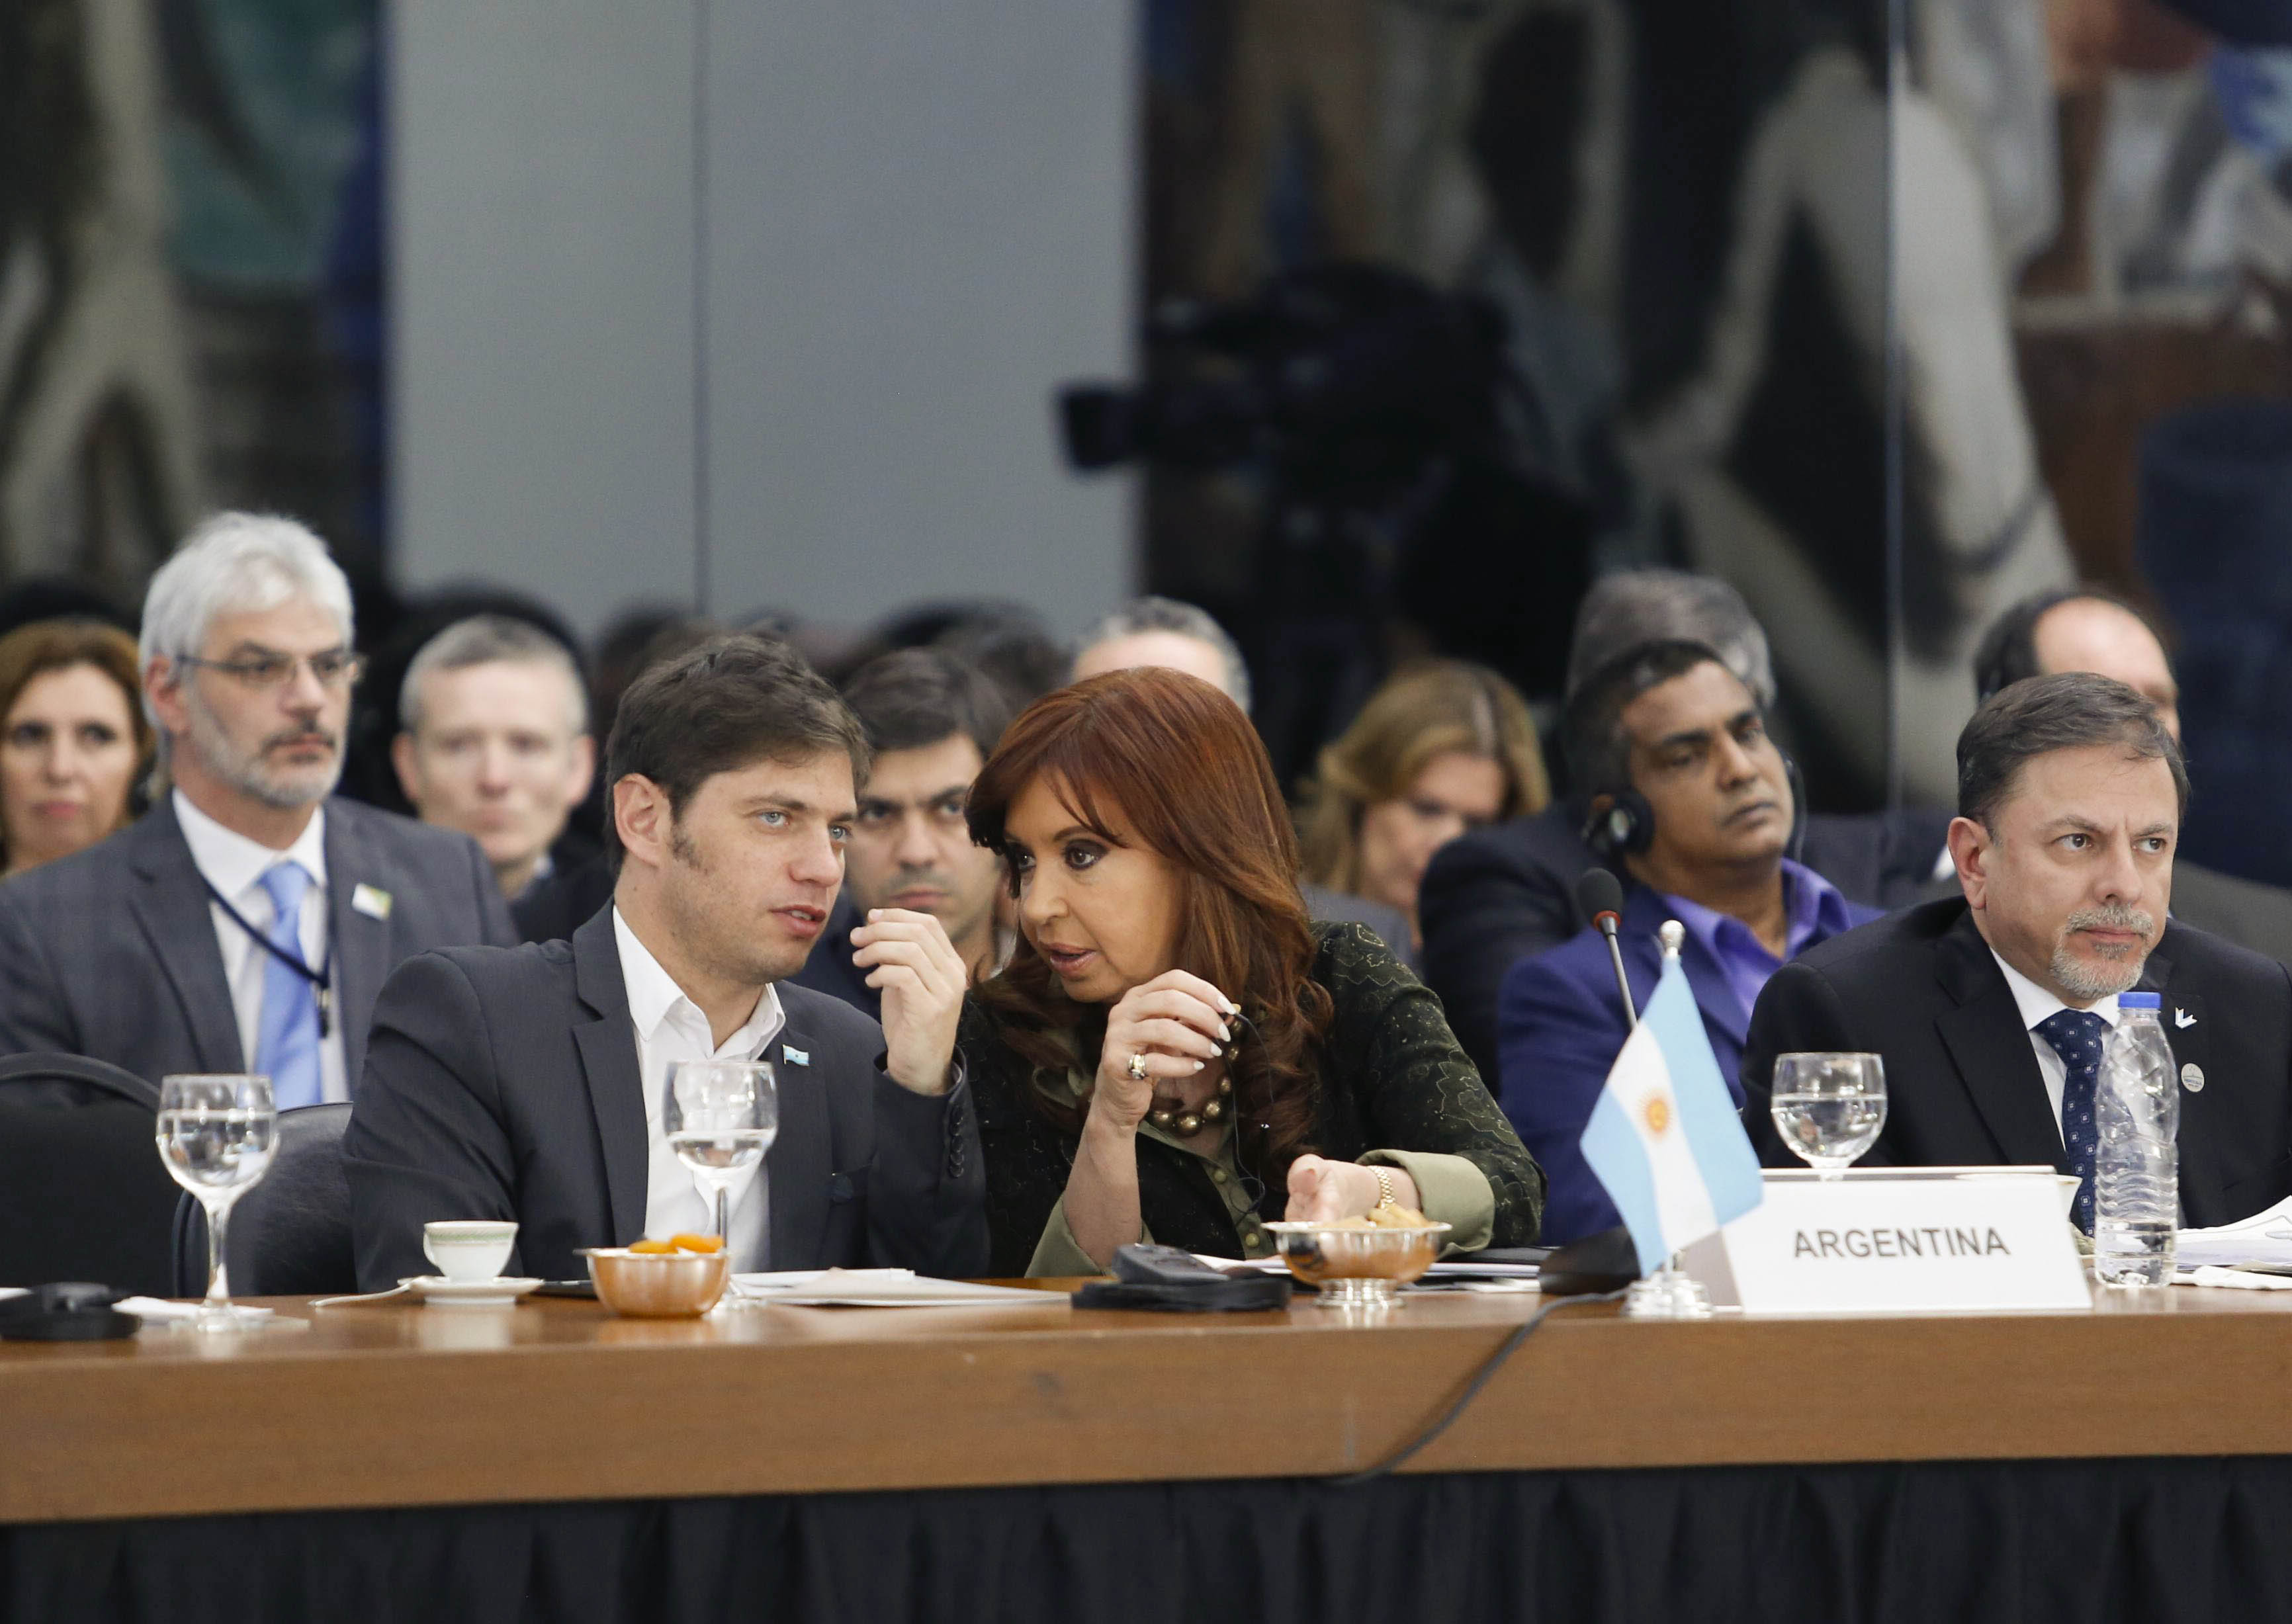 17-07-2015_brasilia_-la_presidenta_cristina_fernndez